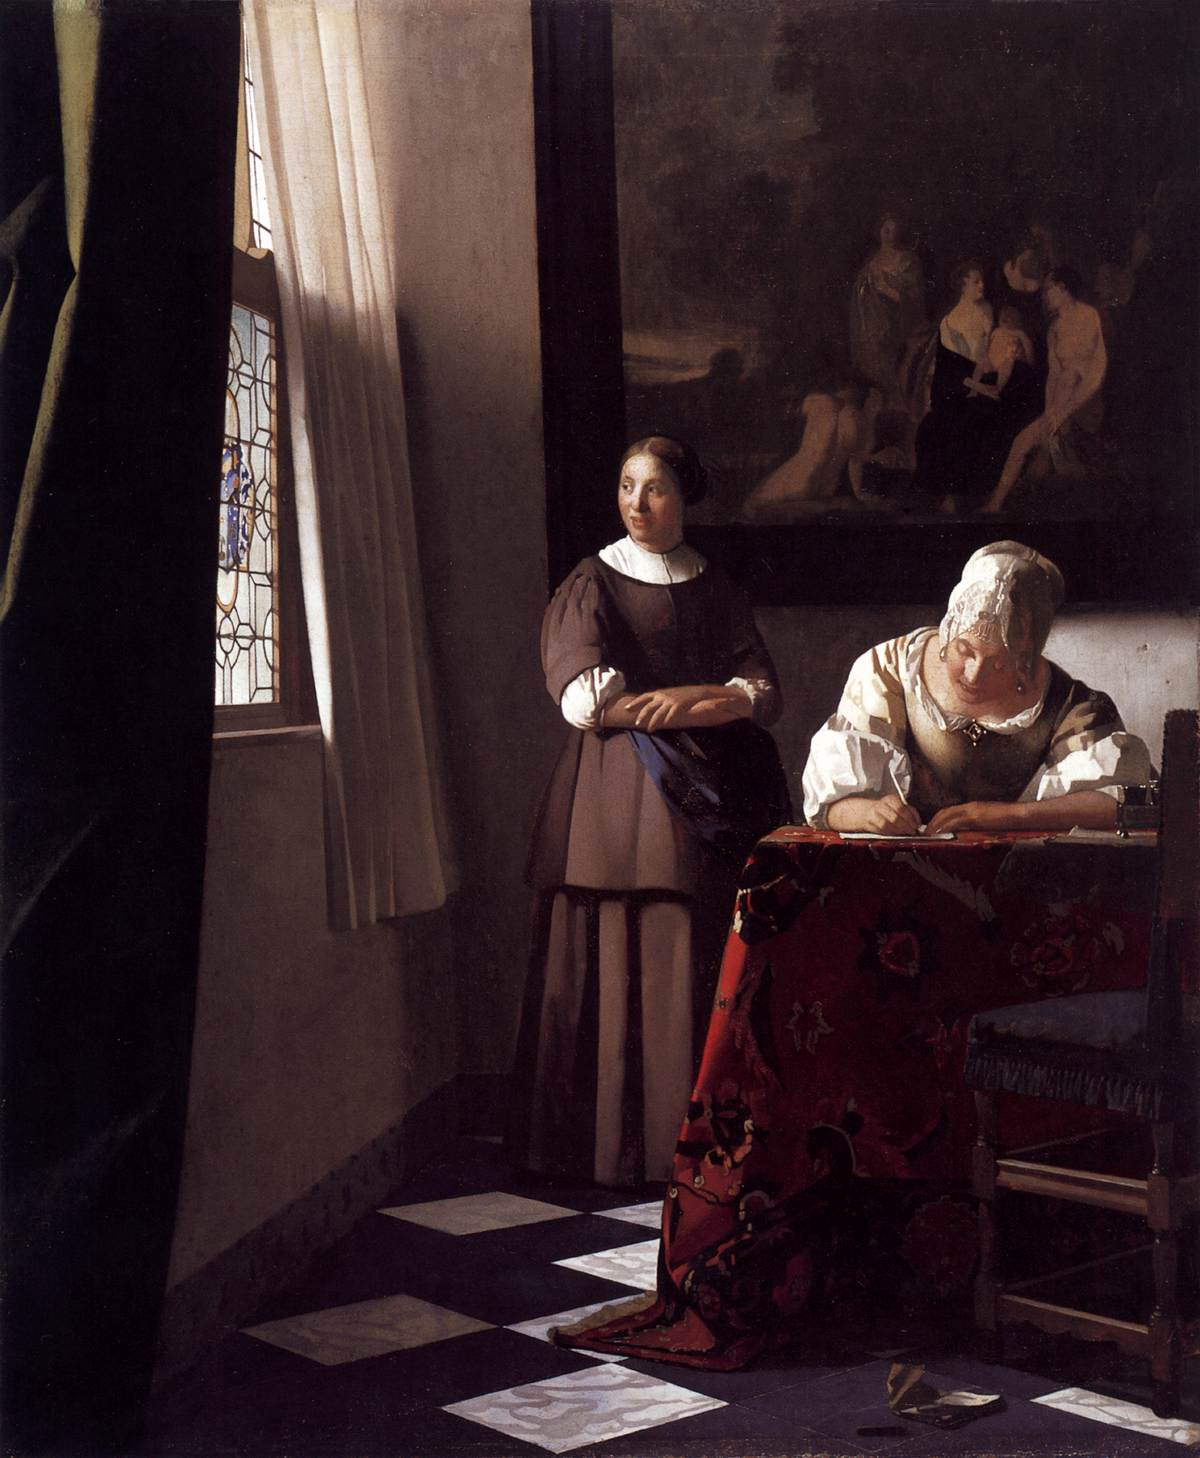 Tritsmans-Vermeer